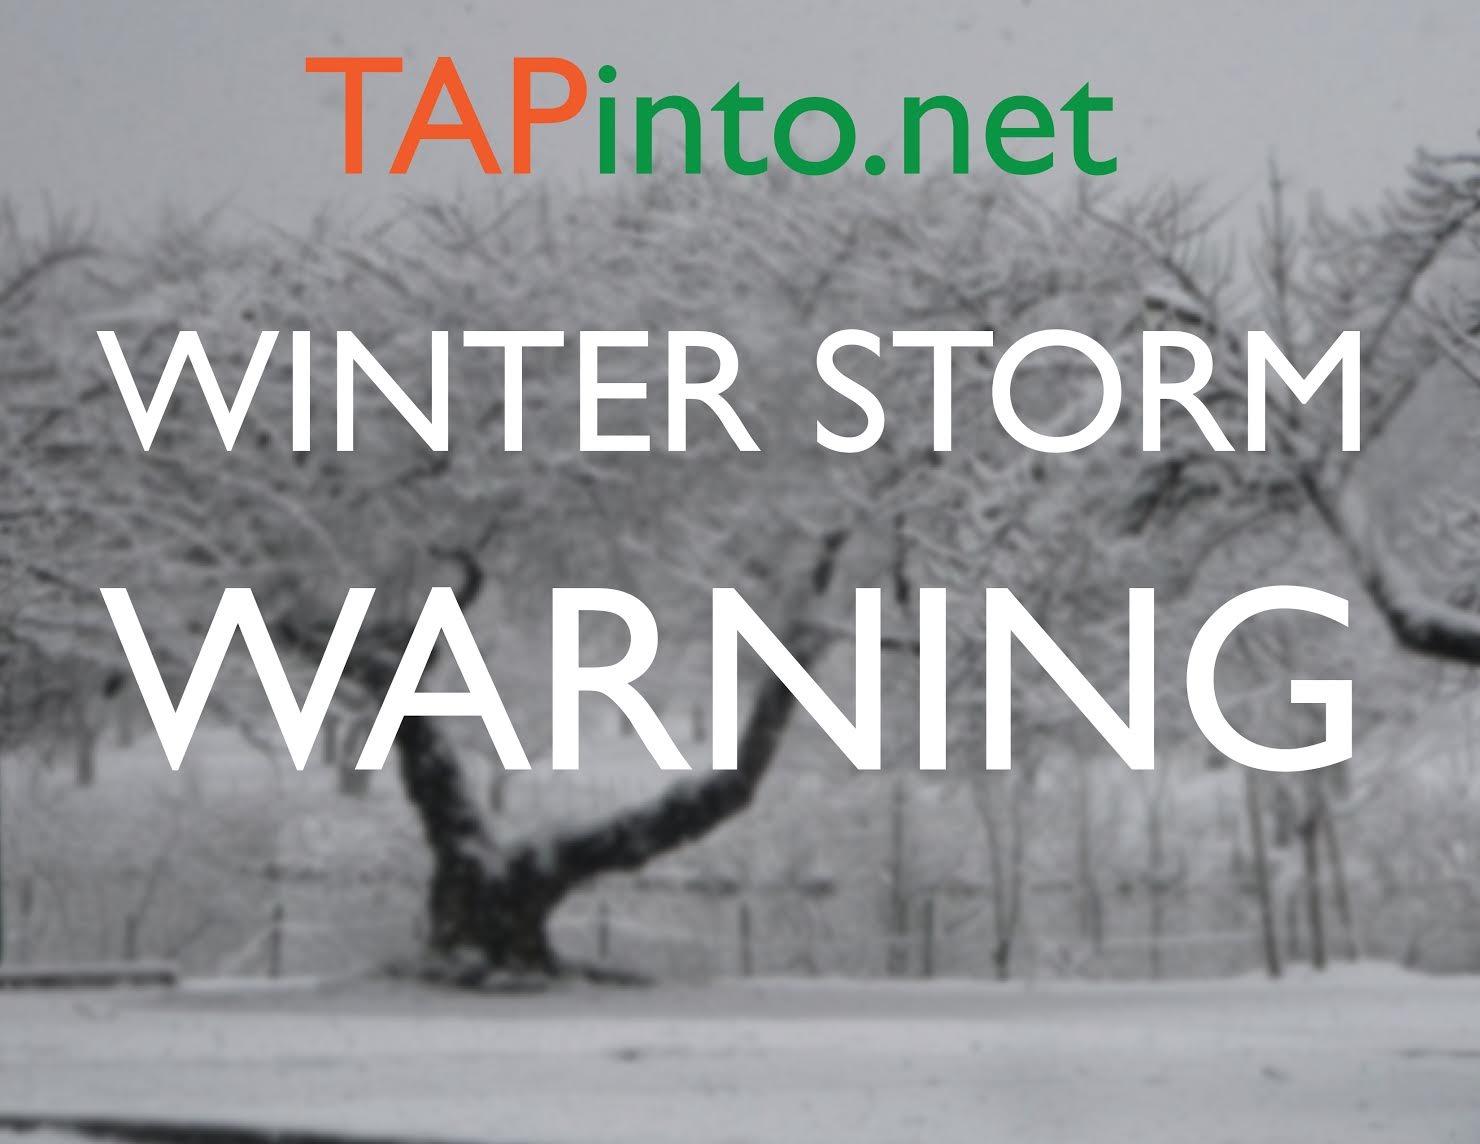 835a4df2f3036fb03061_winter_storm_warning.jpg